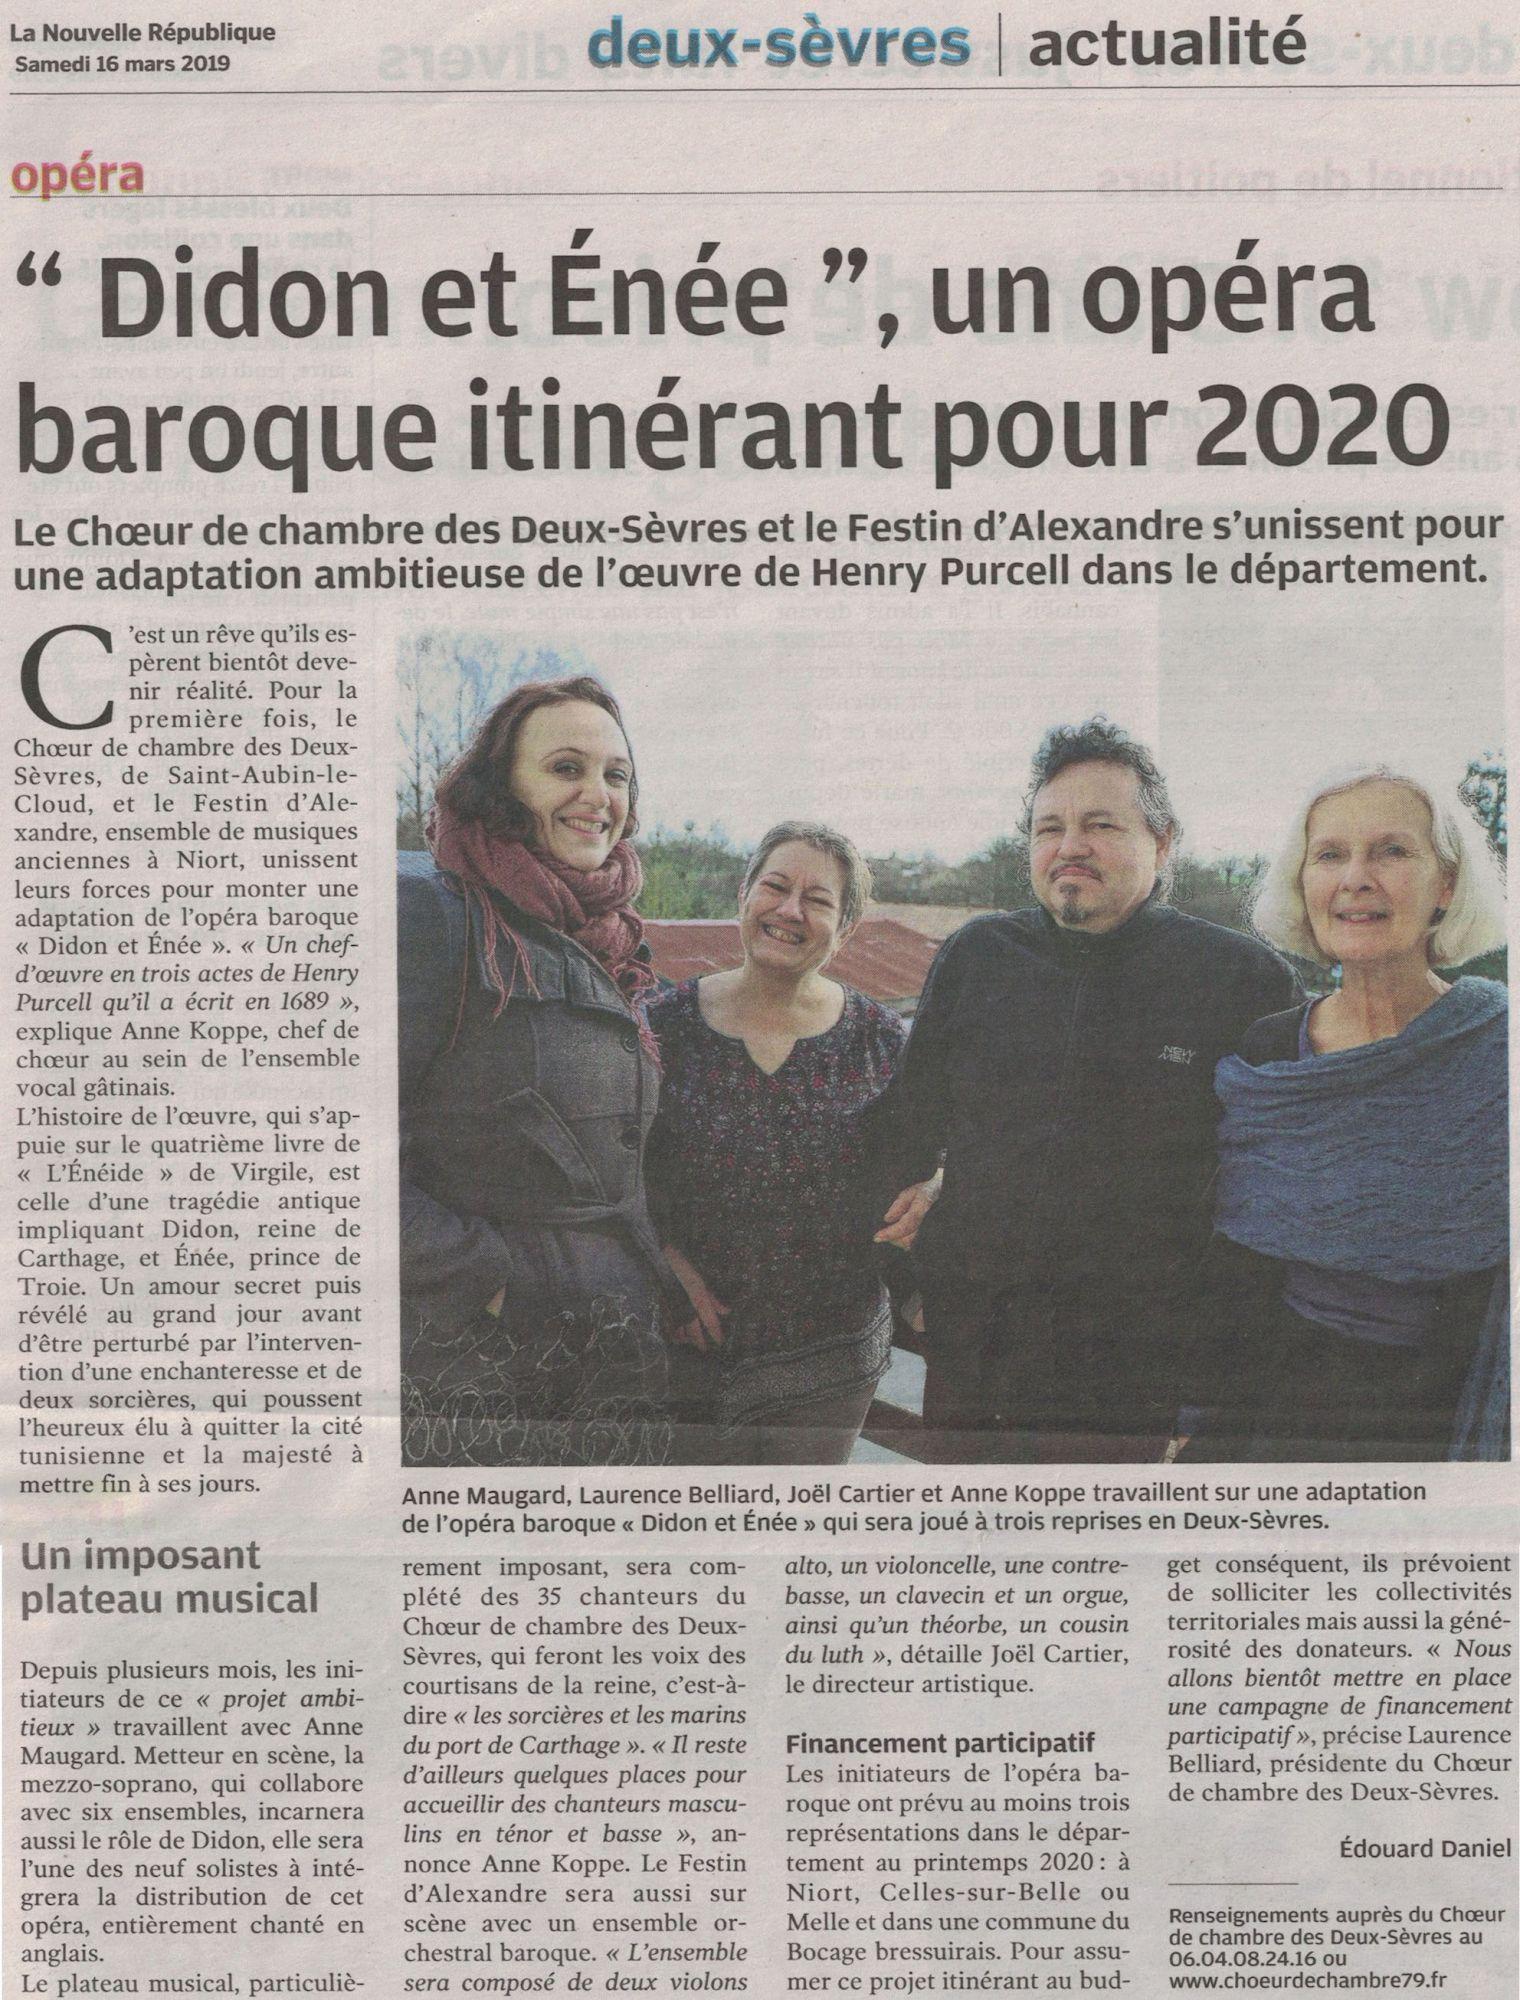 nr-mars-2019-didon-enee